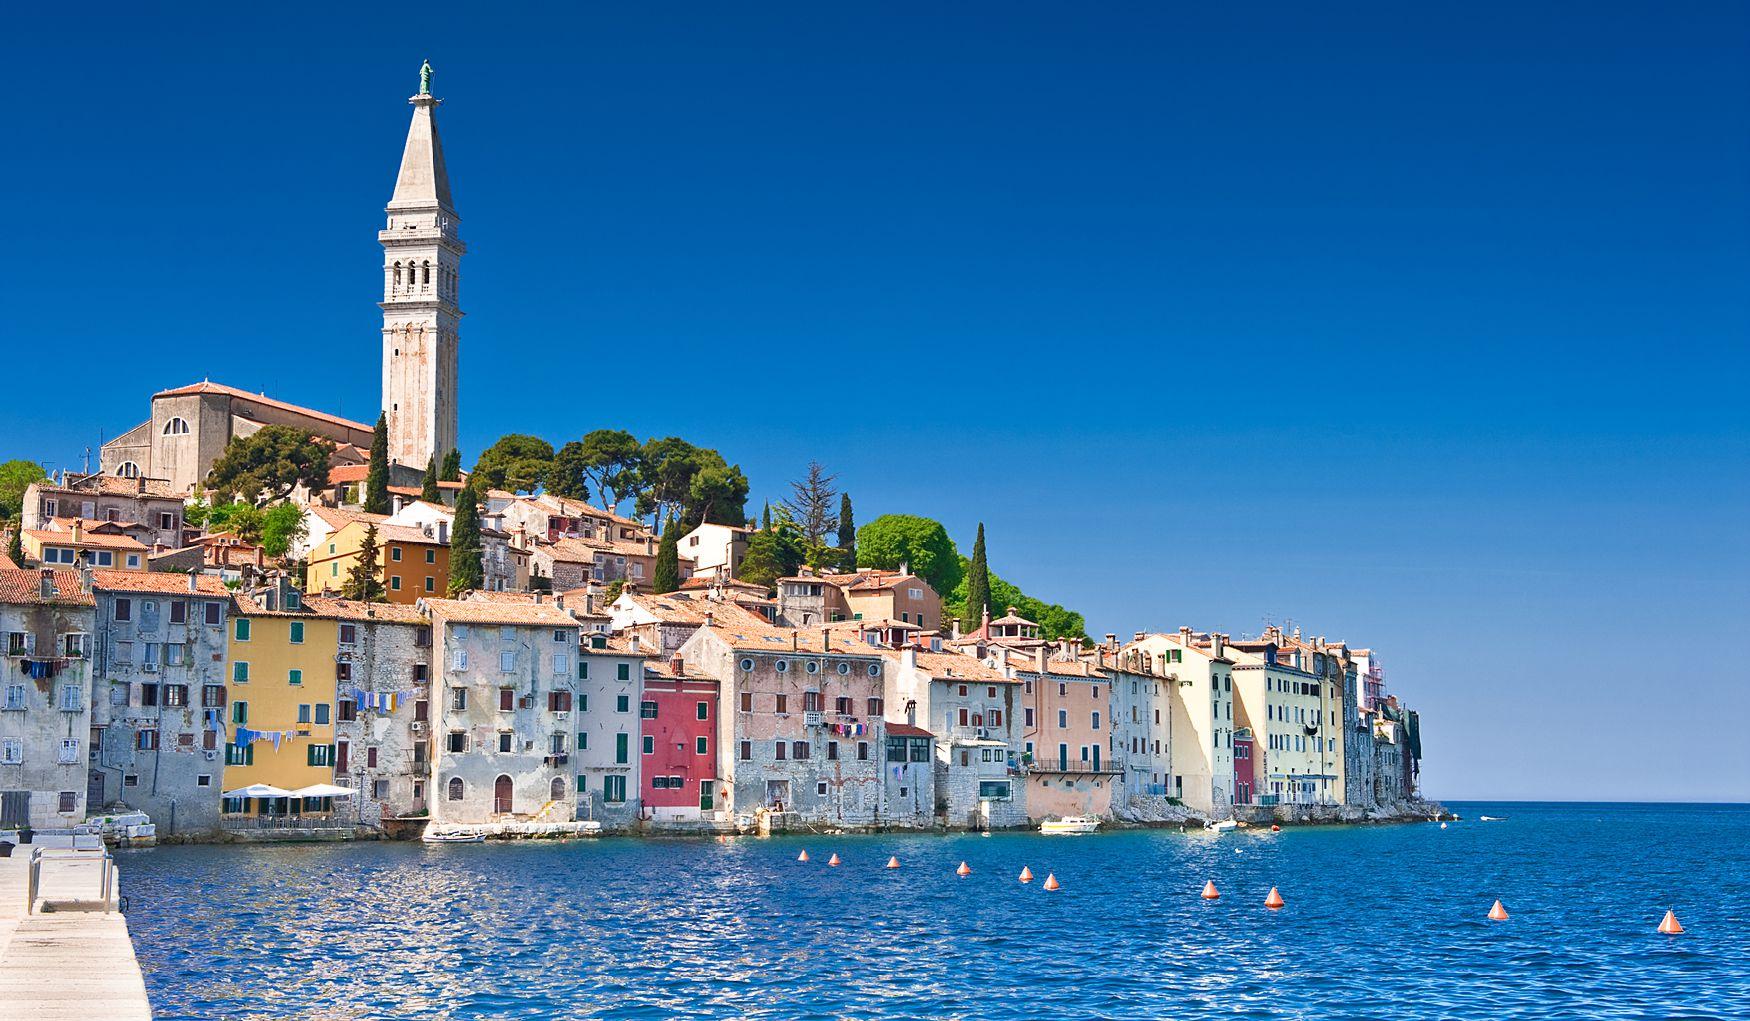 Достопримечательности Хорватии — лучшие регионы для экскурсий и пляжного отдыха